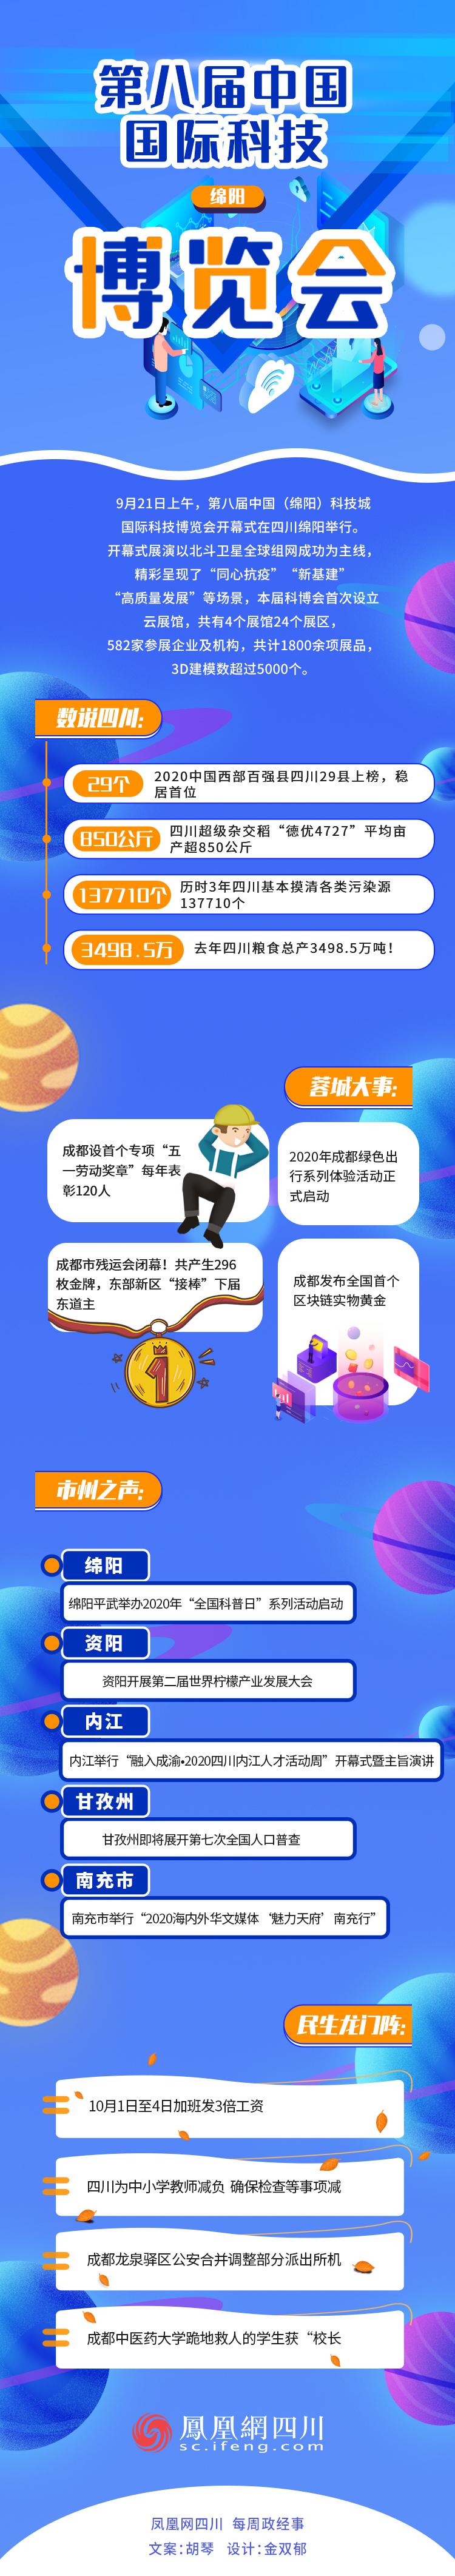 每周政经事丨第八届中国(绵阳)科技城国际科技博览会开幕